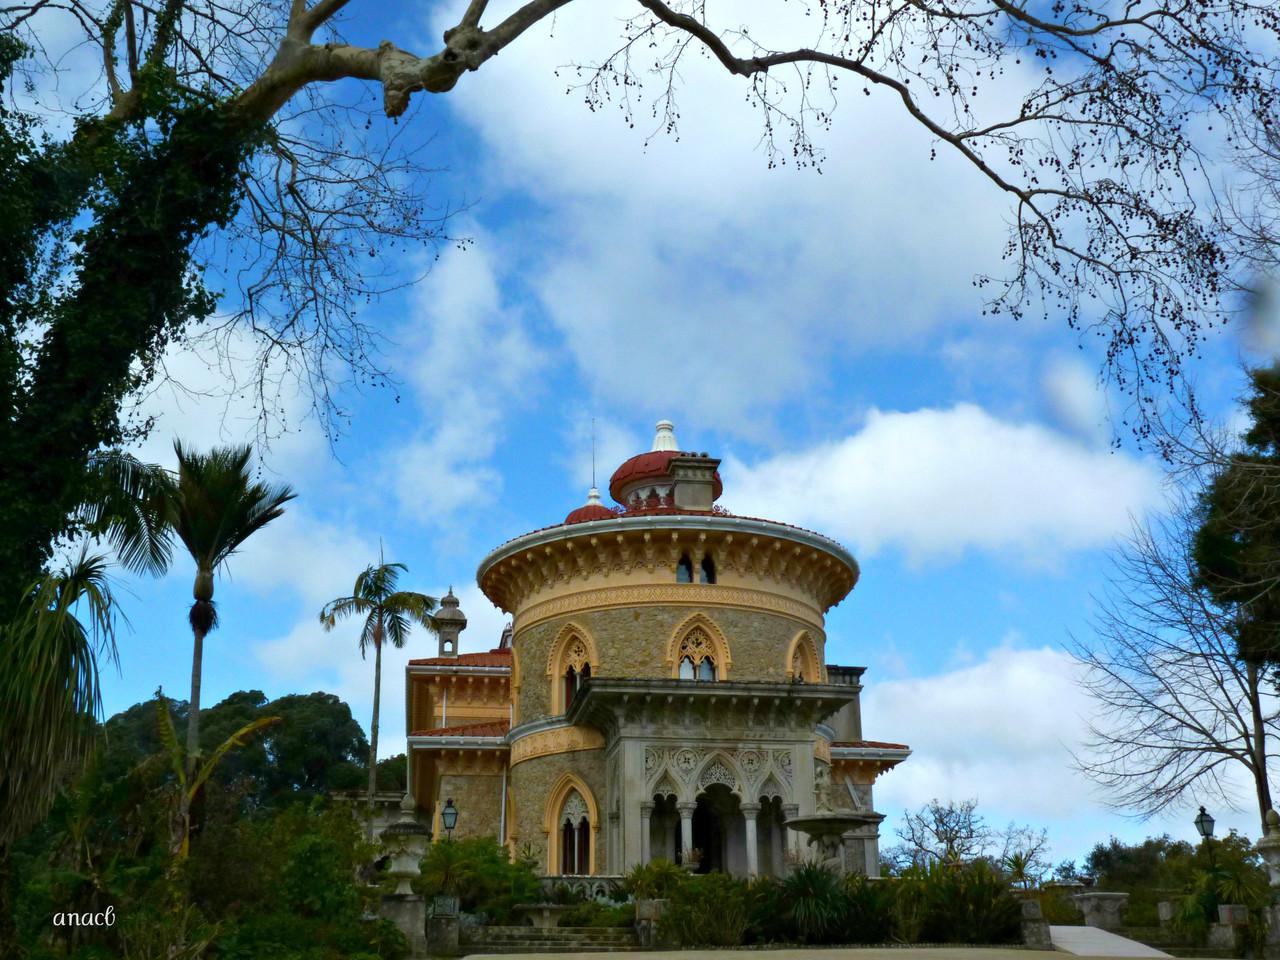 ao acaso #42 palácio de Monserrate, em Sintra.jpg